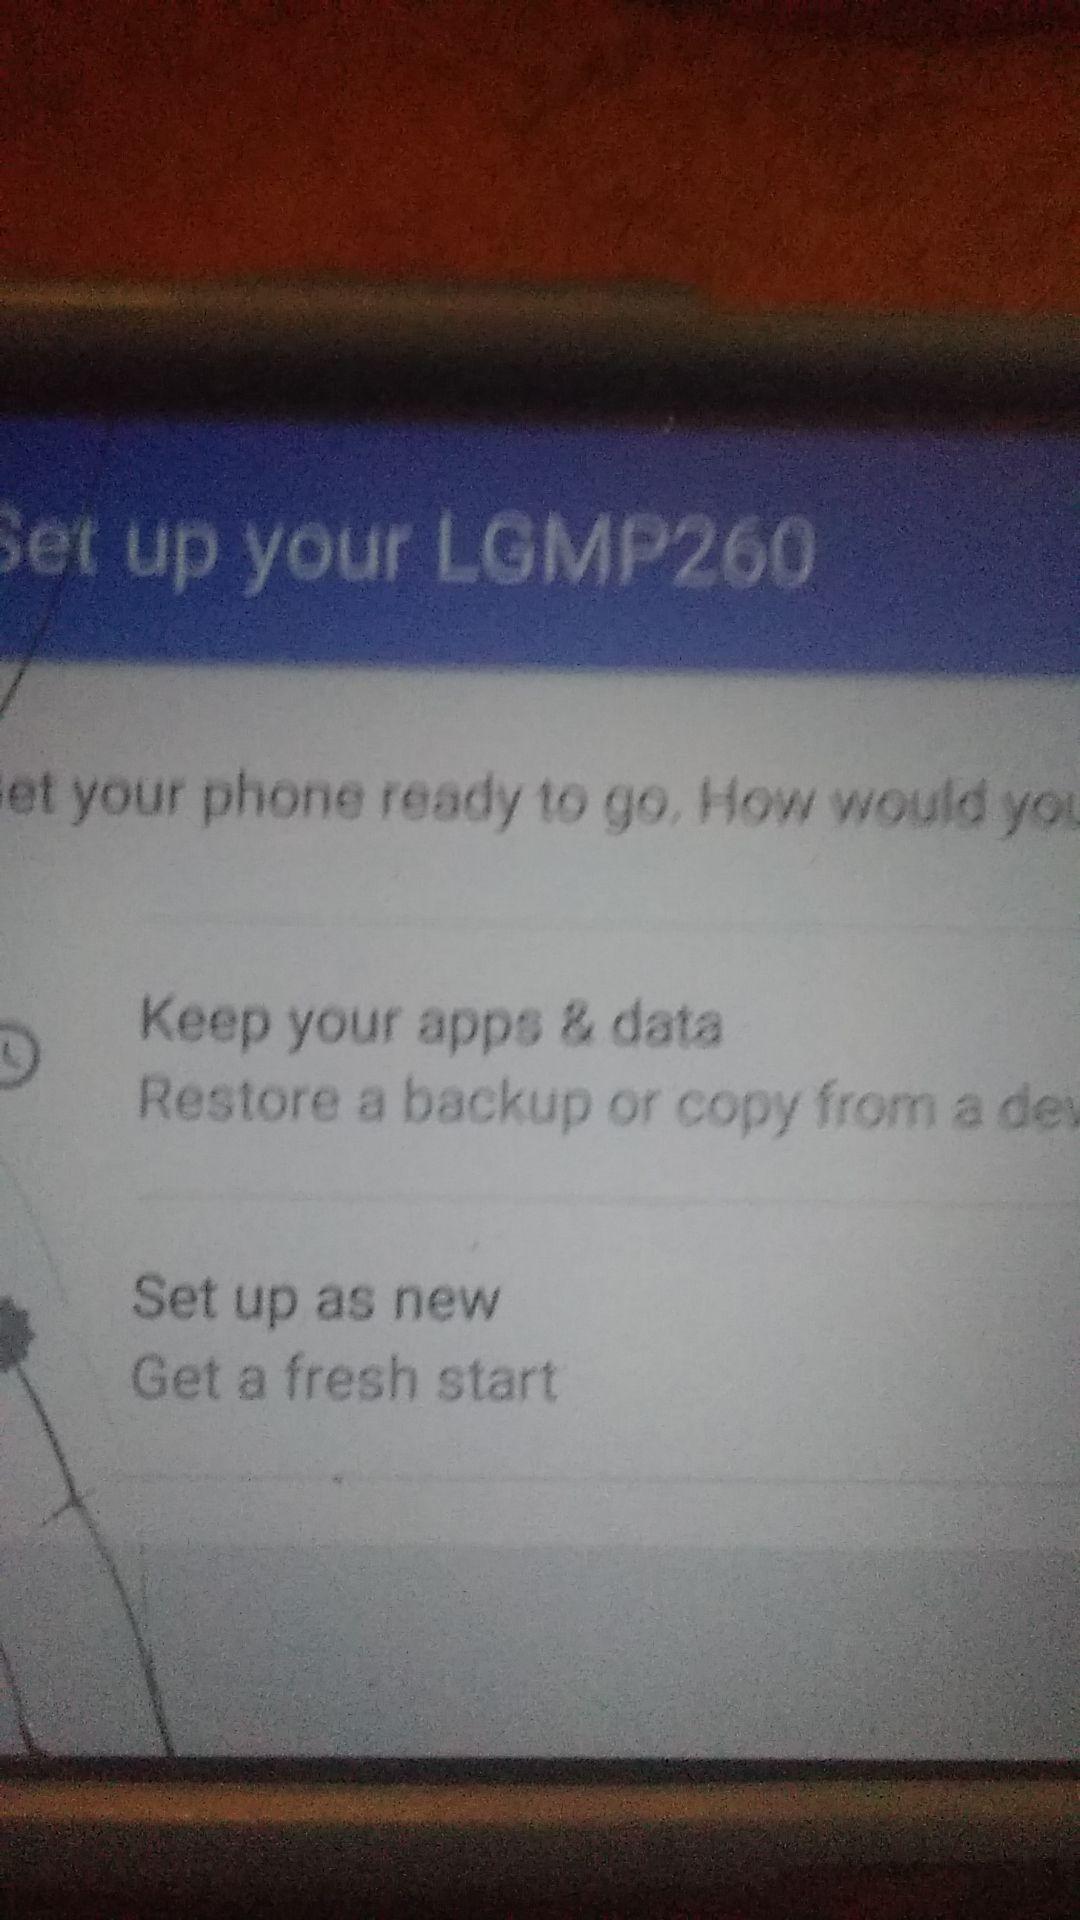 L.G phone